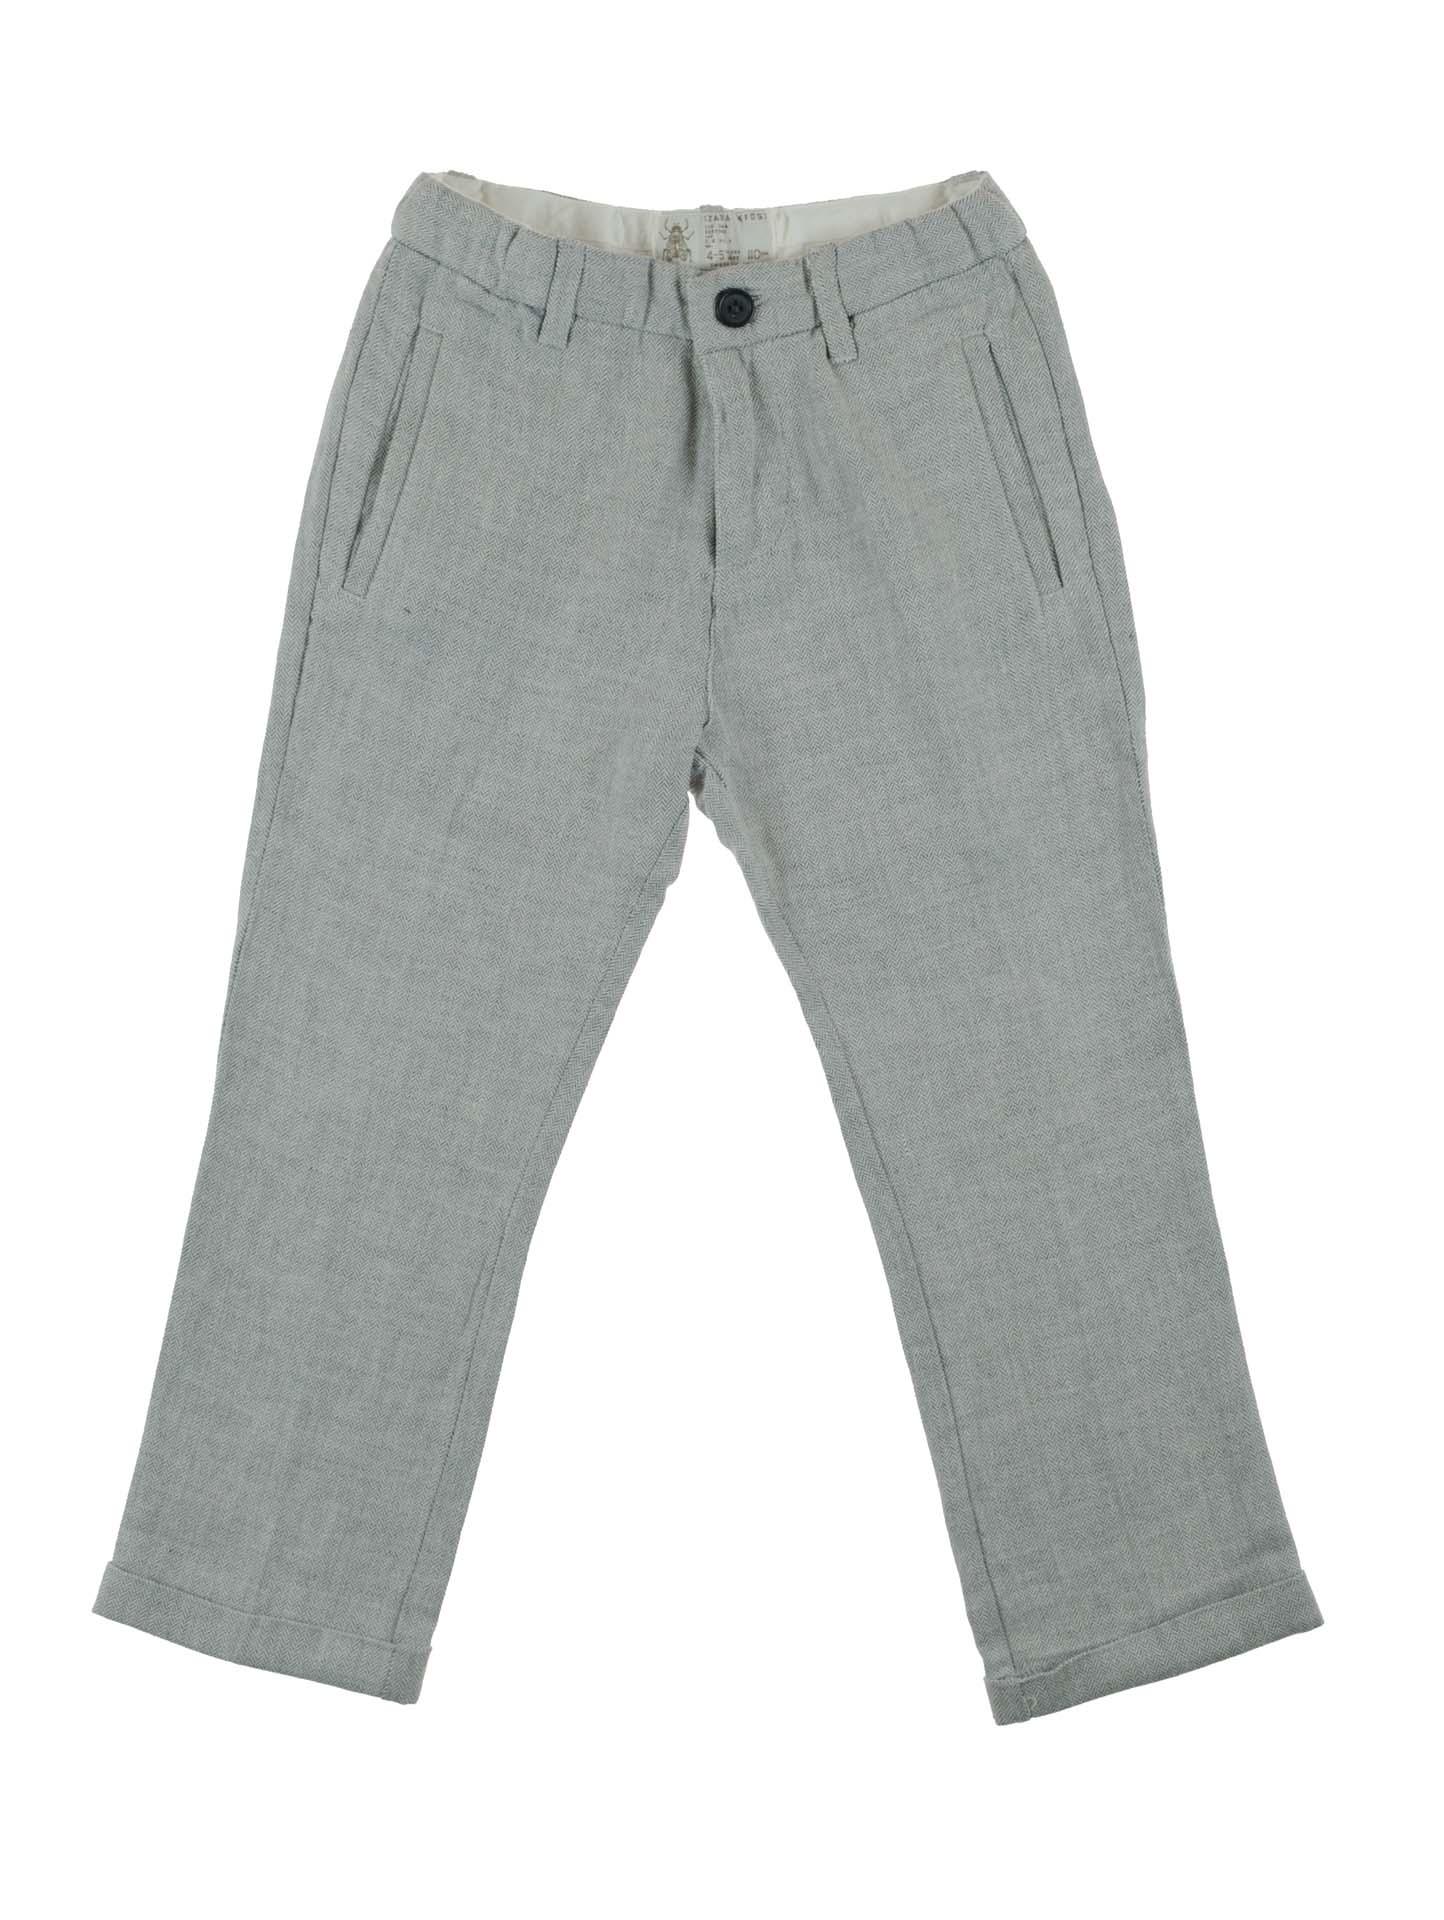 Купити Класичні літні брюки для хлопчика  20a5963af35c6